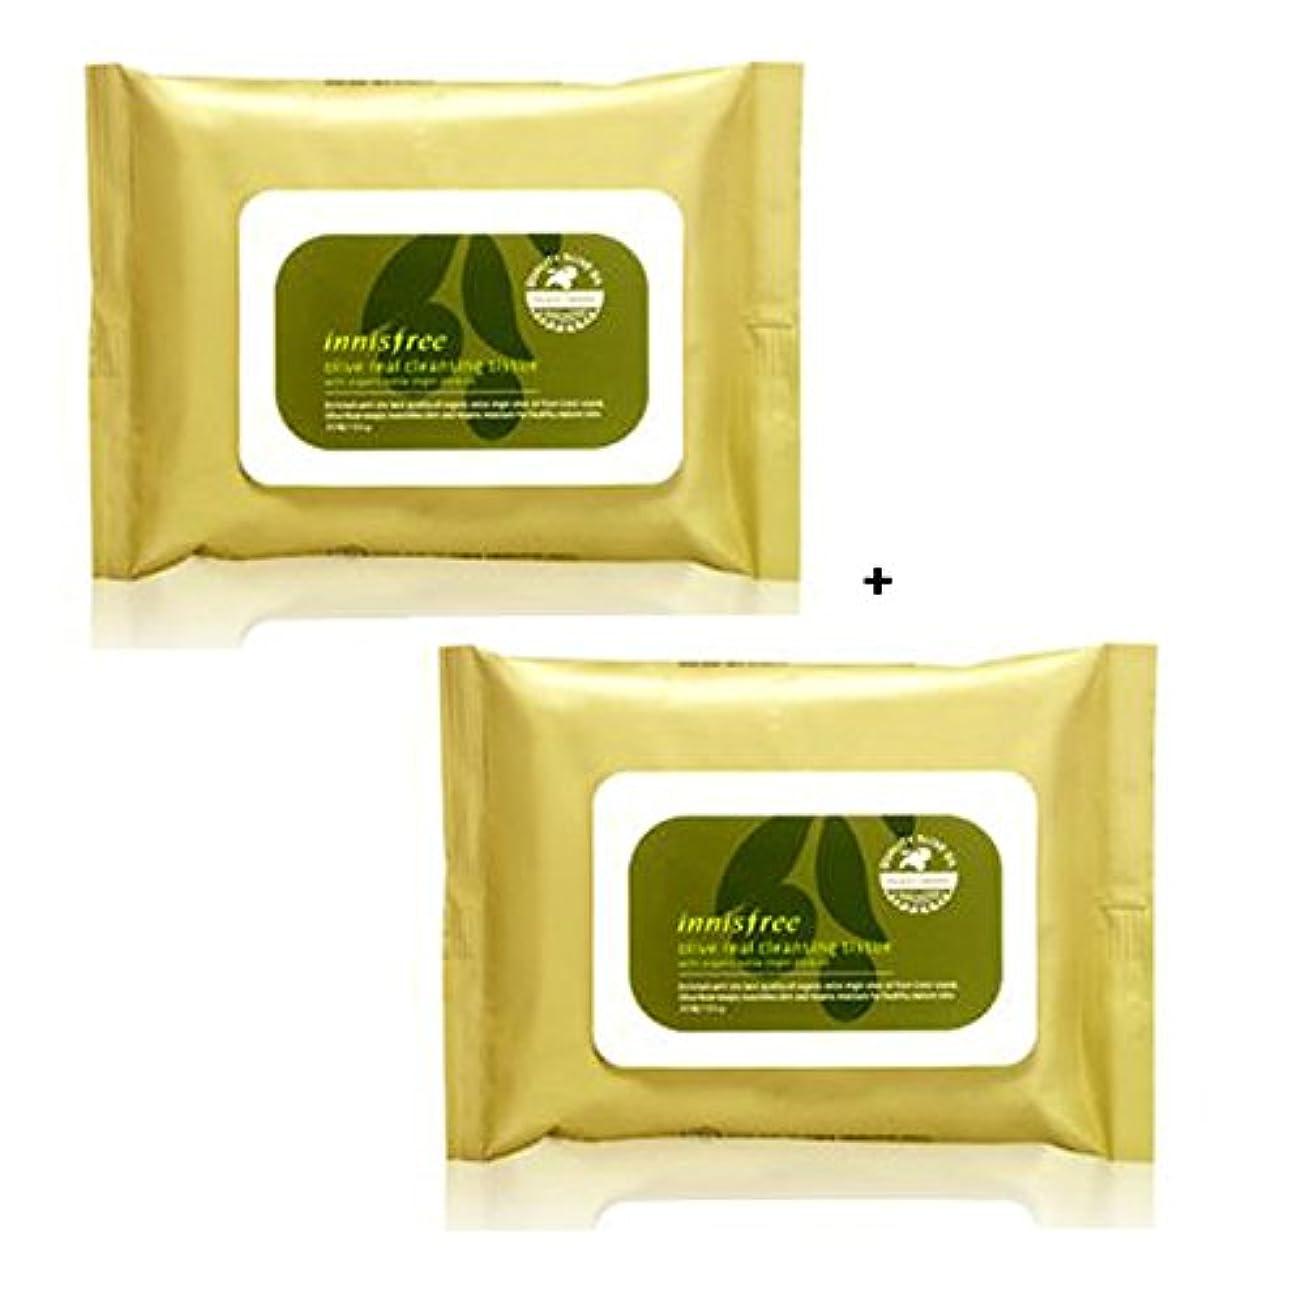 青独裁者石イニスフリー Innisfree オリーブリアル クレンジングティッシュ (30枚x2) Innisfree Olive Real Cleansing Tissue (30sheetsx2Pcs) [海外直送品]